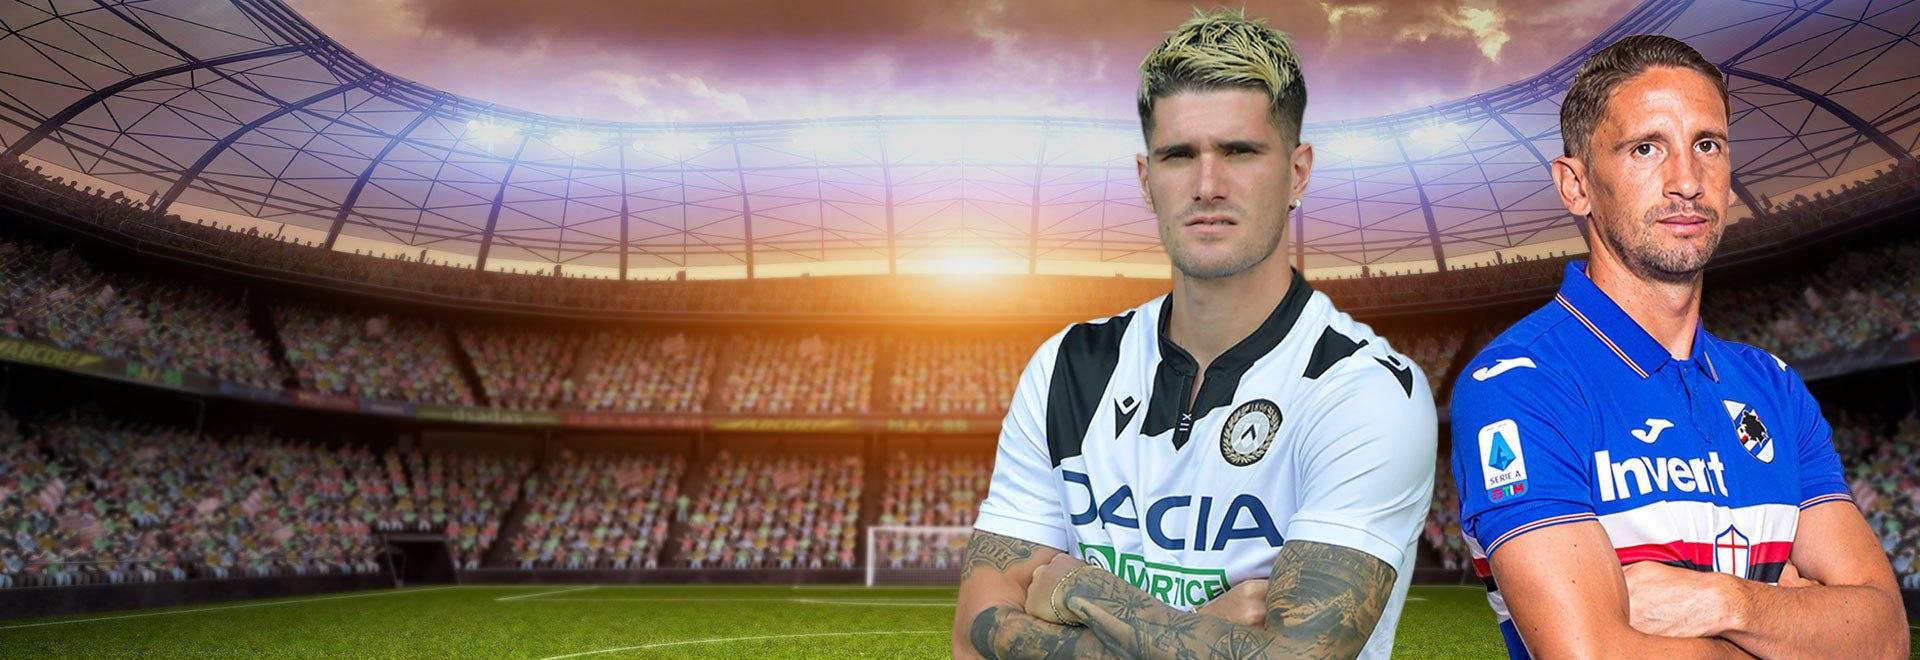 Udinese - Sampdoria. 32a g.